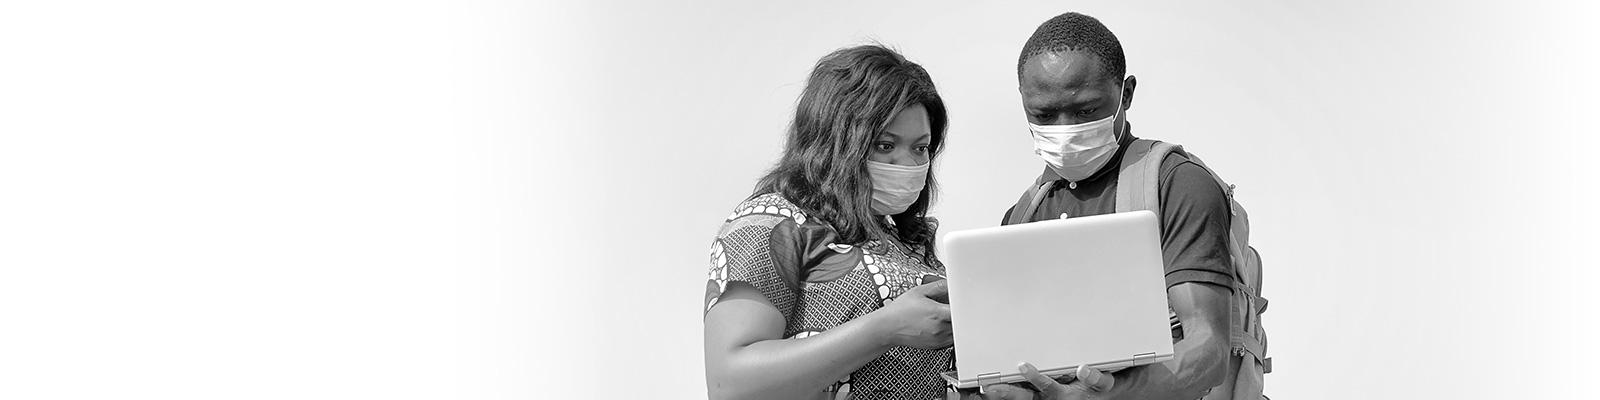 アフリカ オンライン マスク 医療 イメージ